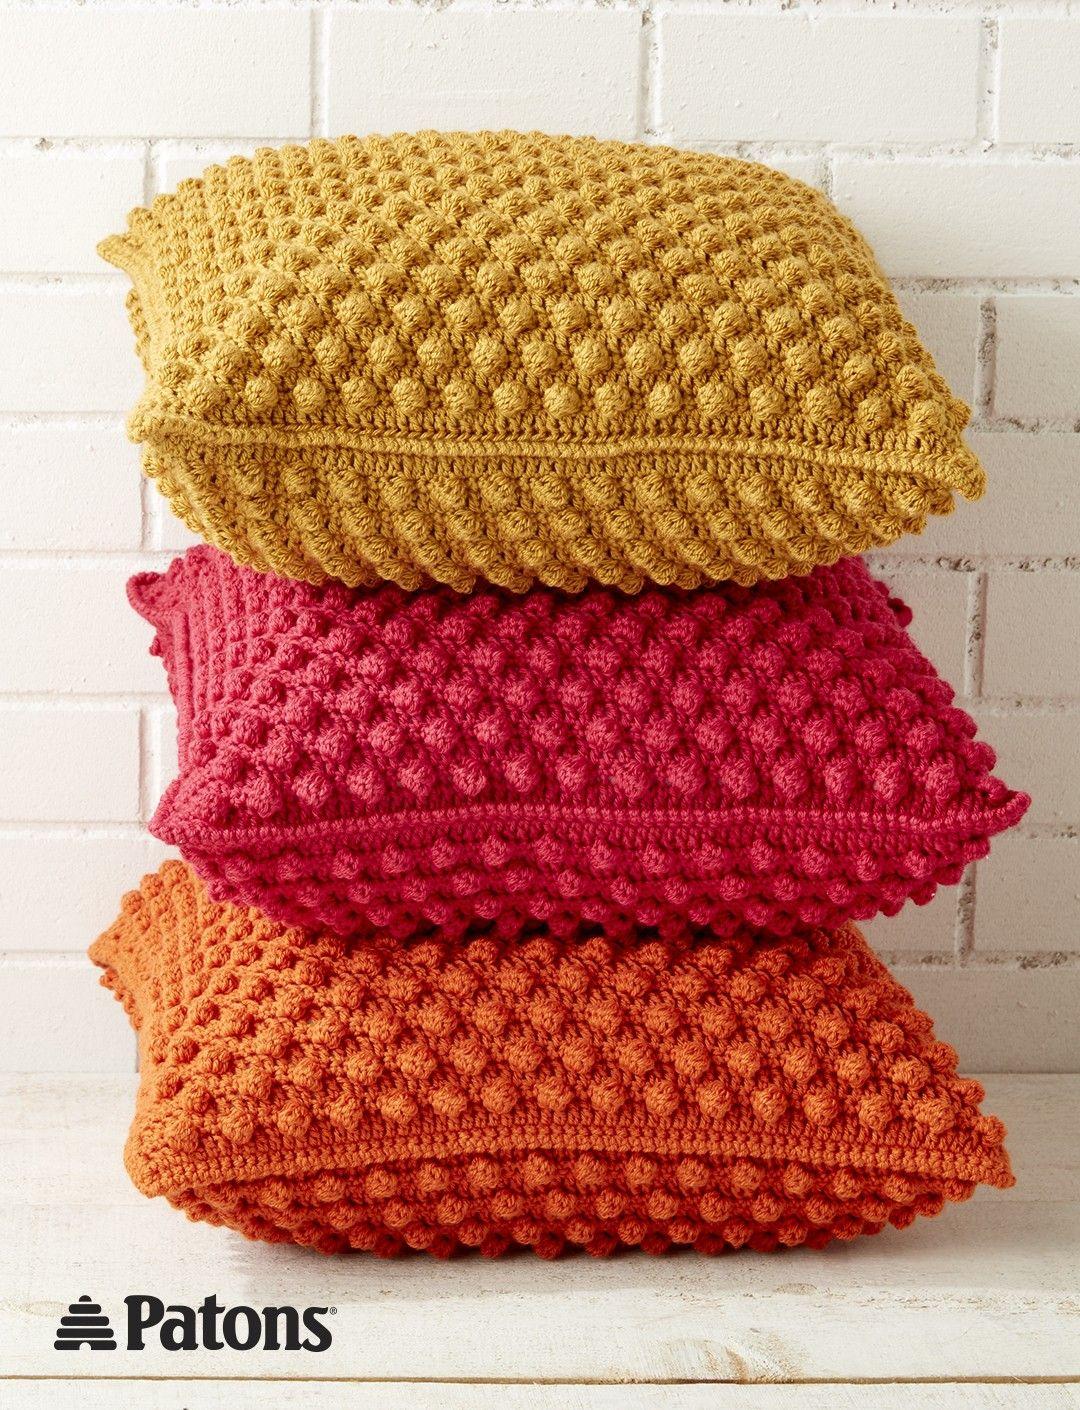 Bobble-licious Pillows - Free Crochet Pattern - (yarnspirations ...